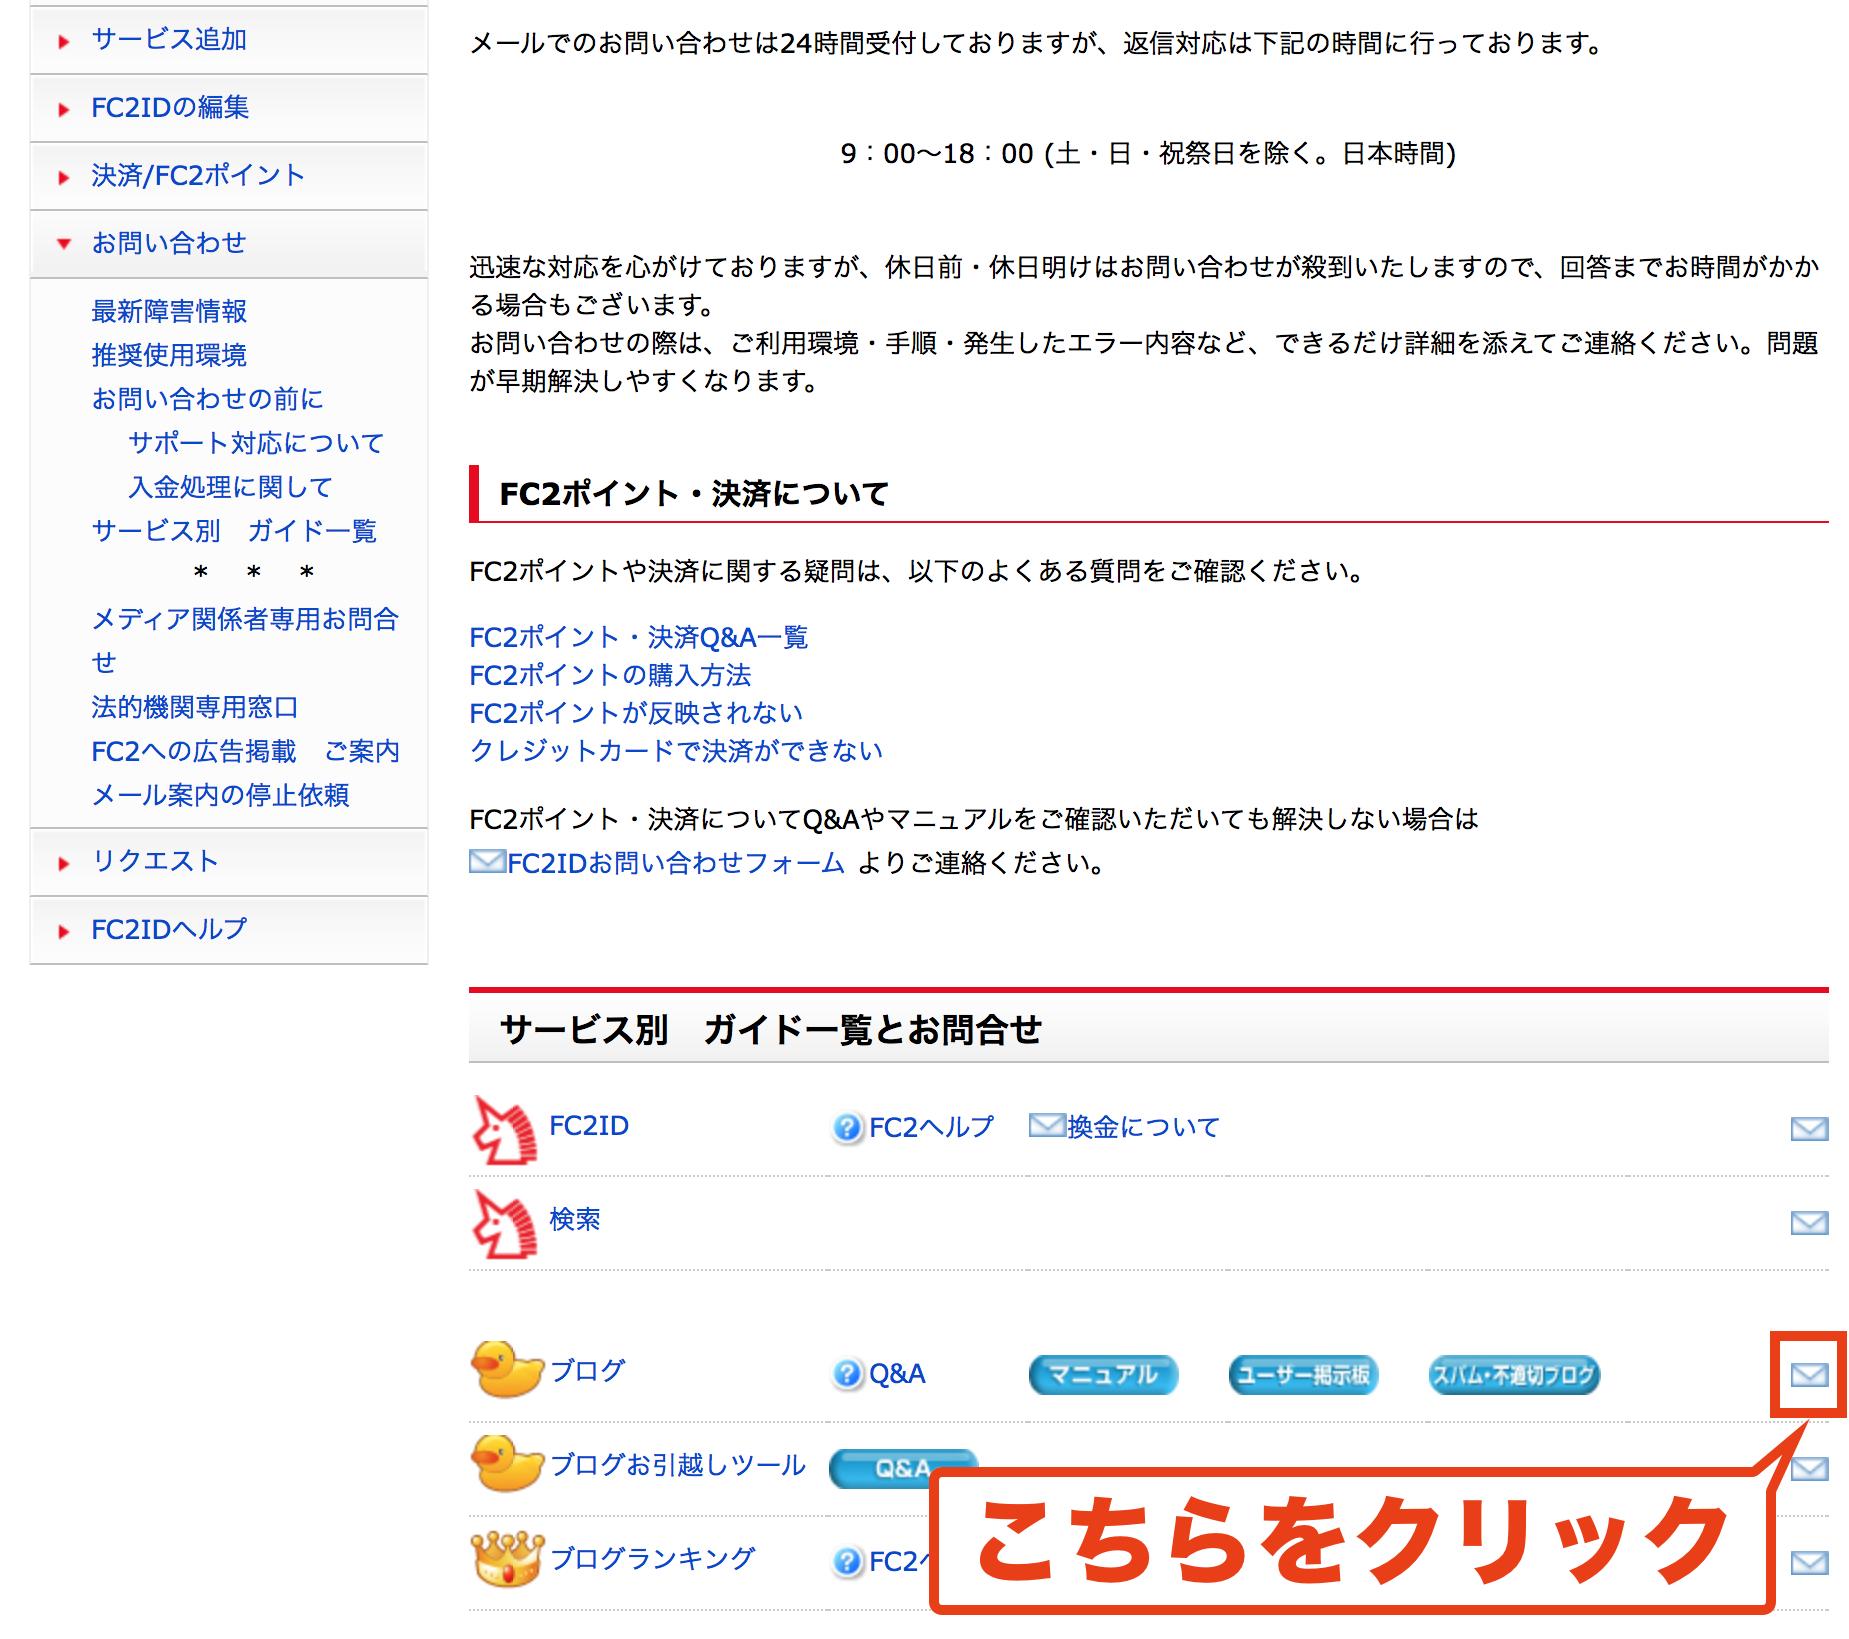 FC2ブログで文字化けするときの対処法2